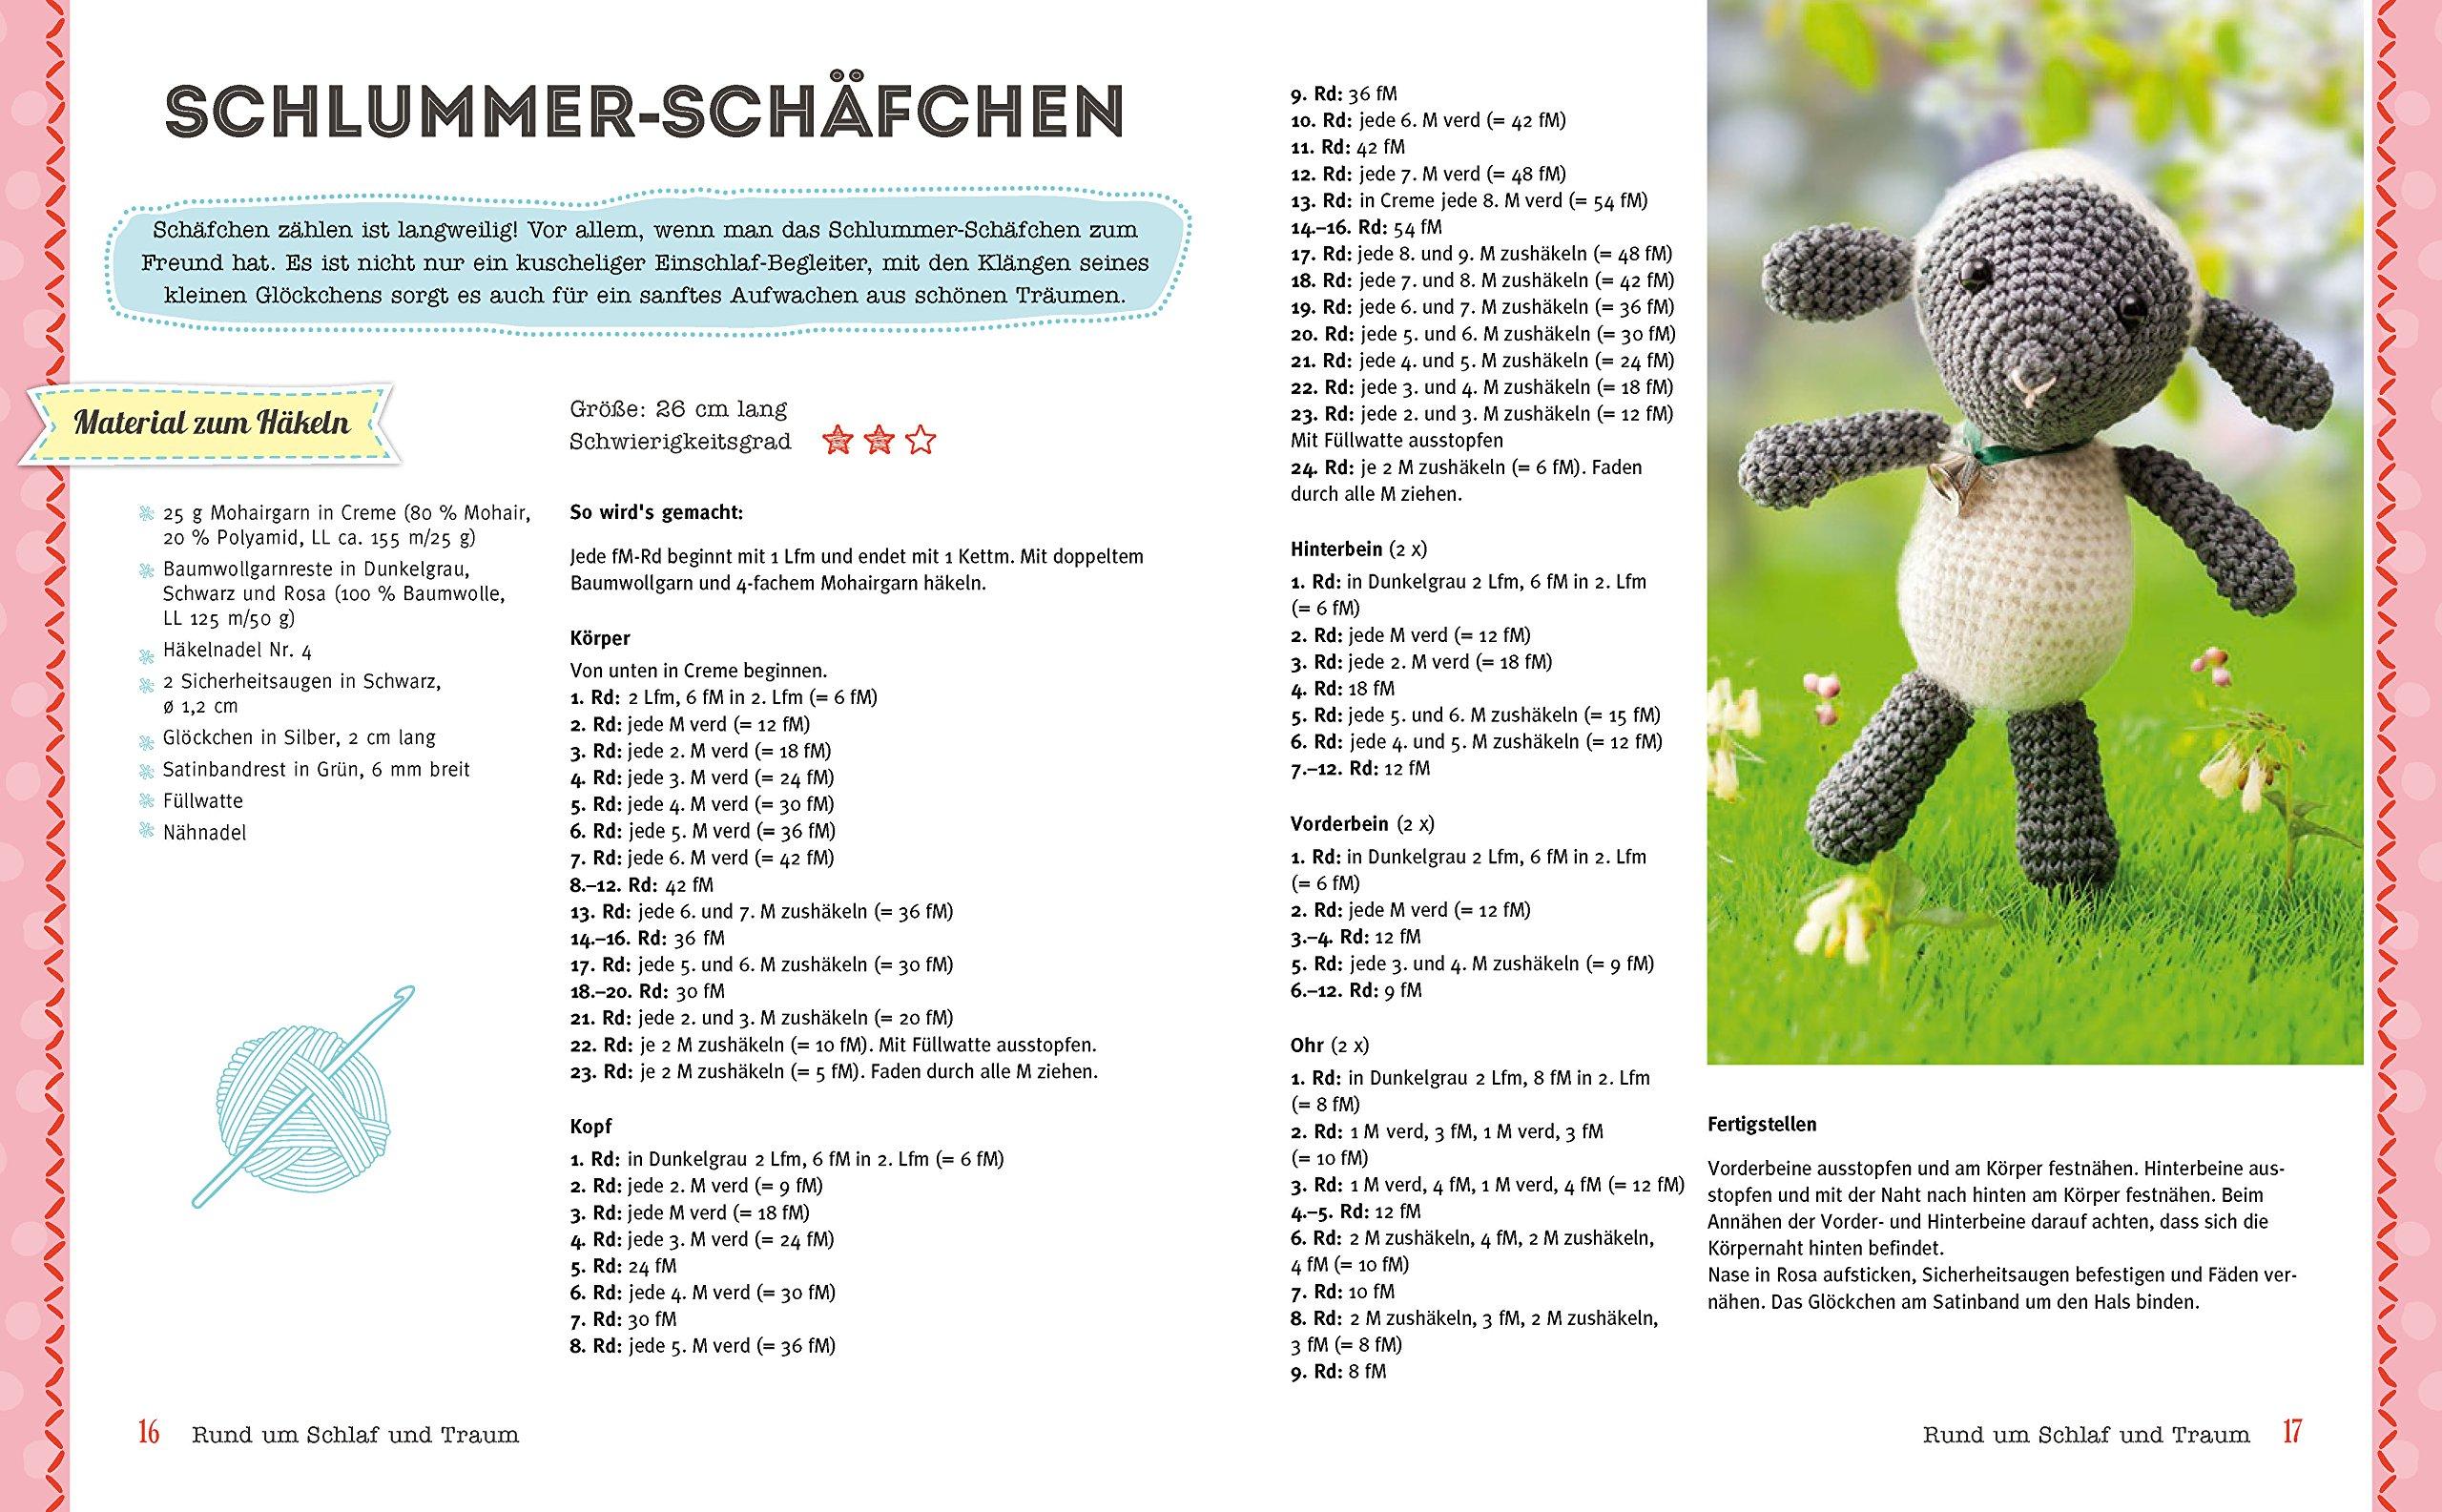 Fachwörterbuch Film Videoüber 4000 Begriffe Deutsch Englisch